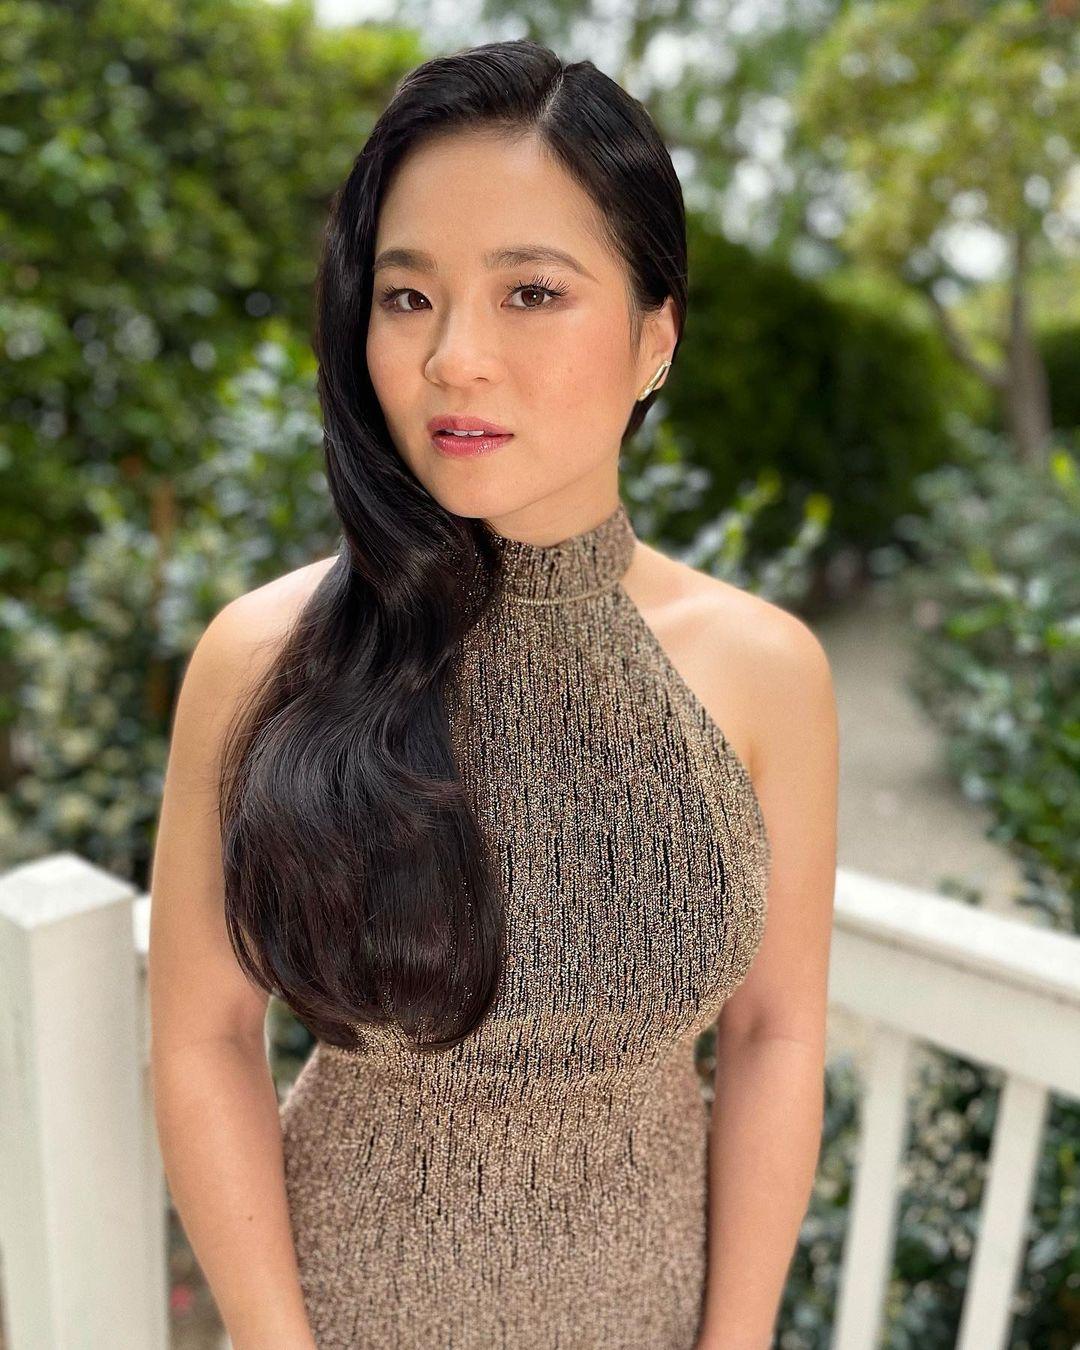 Công chúa Disney gốc Việt dưỡng da tối giản  - 4